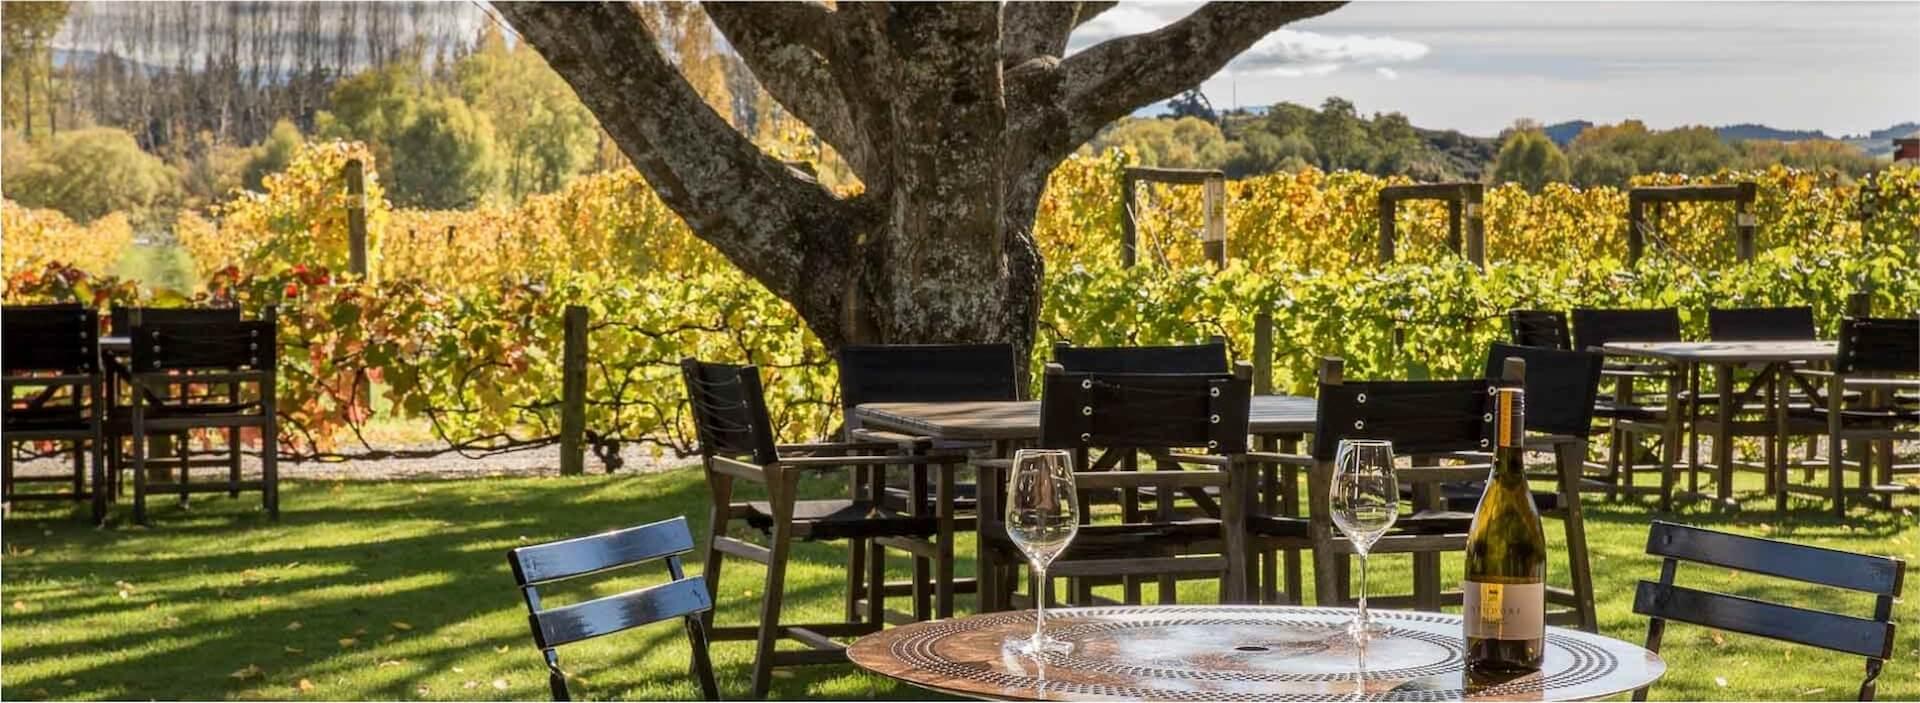 Neudorf Vineyards: eines der besten Weingüter Neuseelands